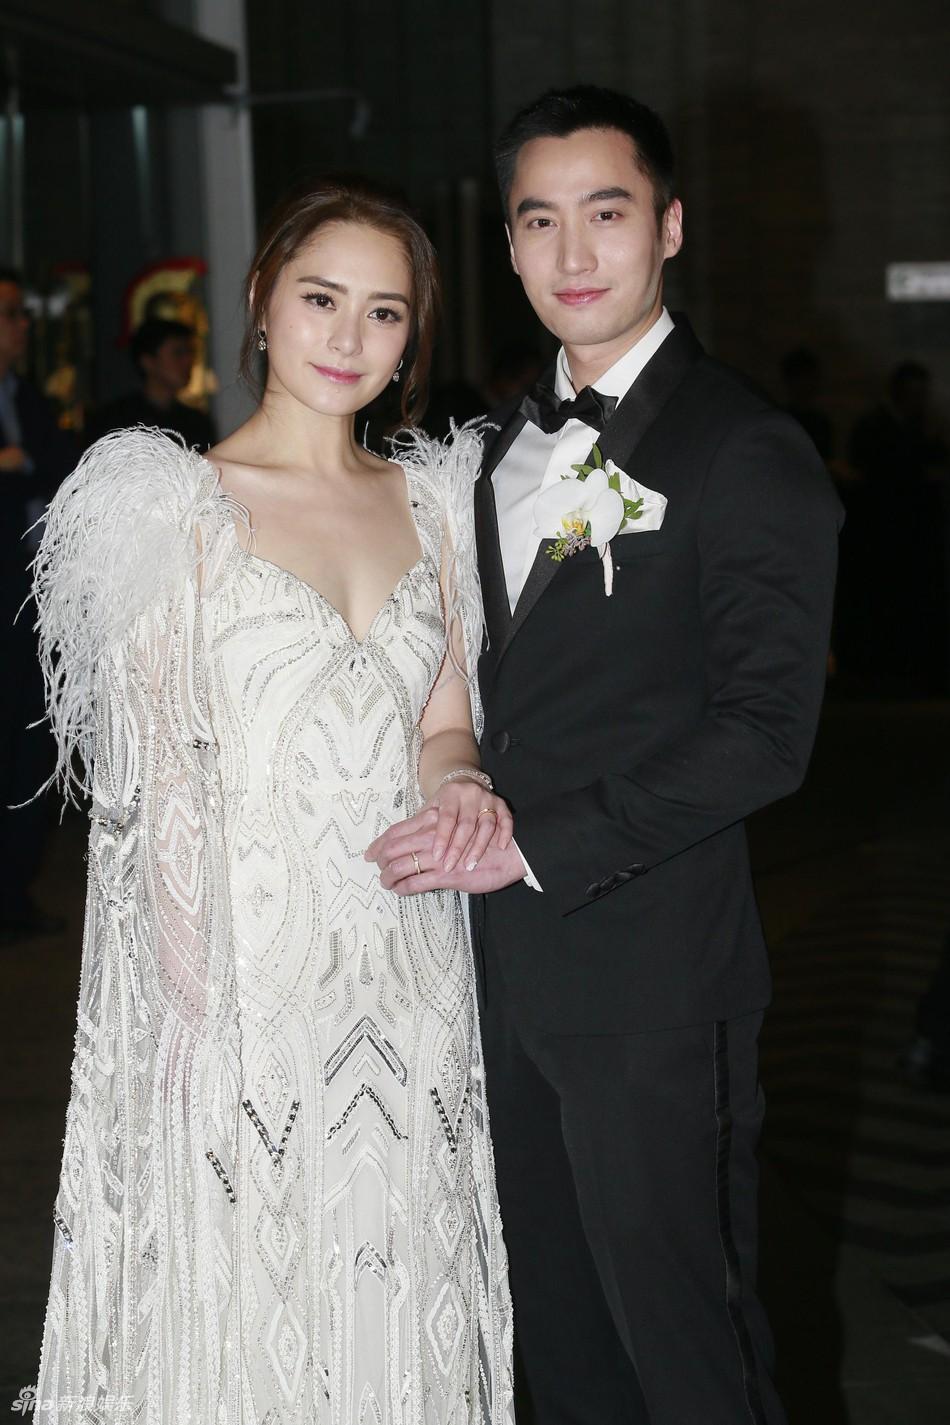 Đám cưới hoành tráng của Chung Hân Đồng: Ông trùm showbiz Hong Kong, con gái tài phiệt Macau cùng dàn sao hạng A tề tựu đông đủ - Ảnh 9.